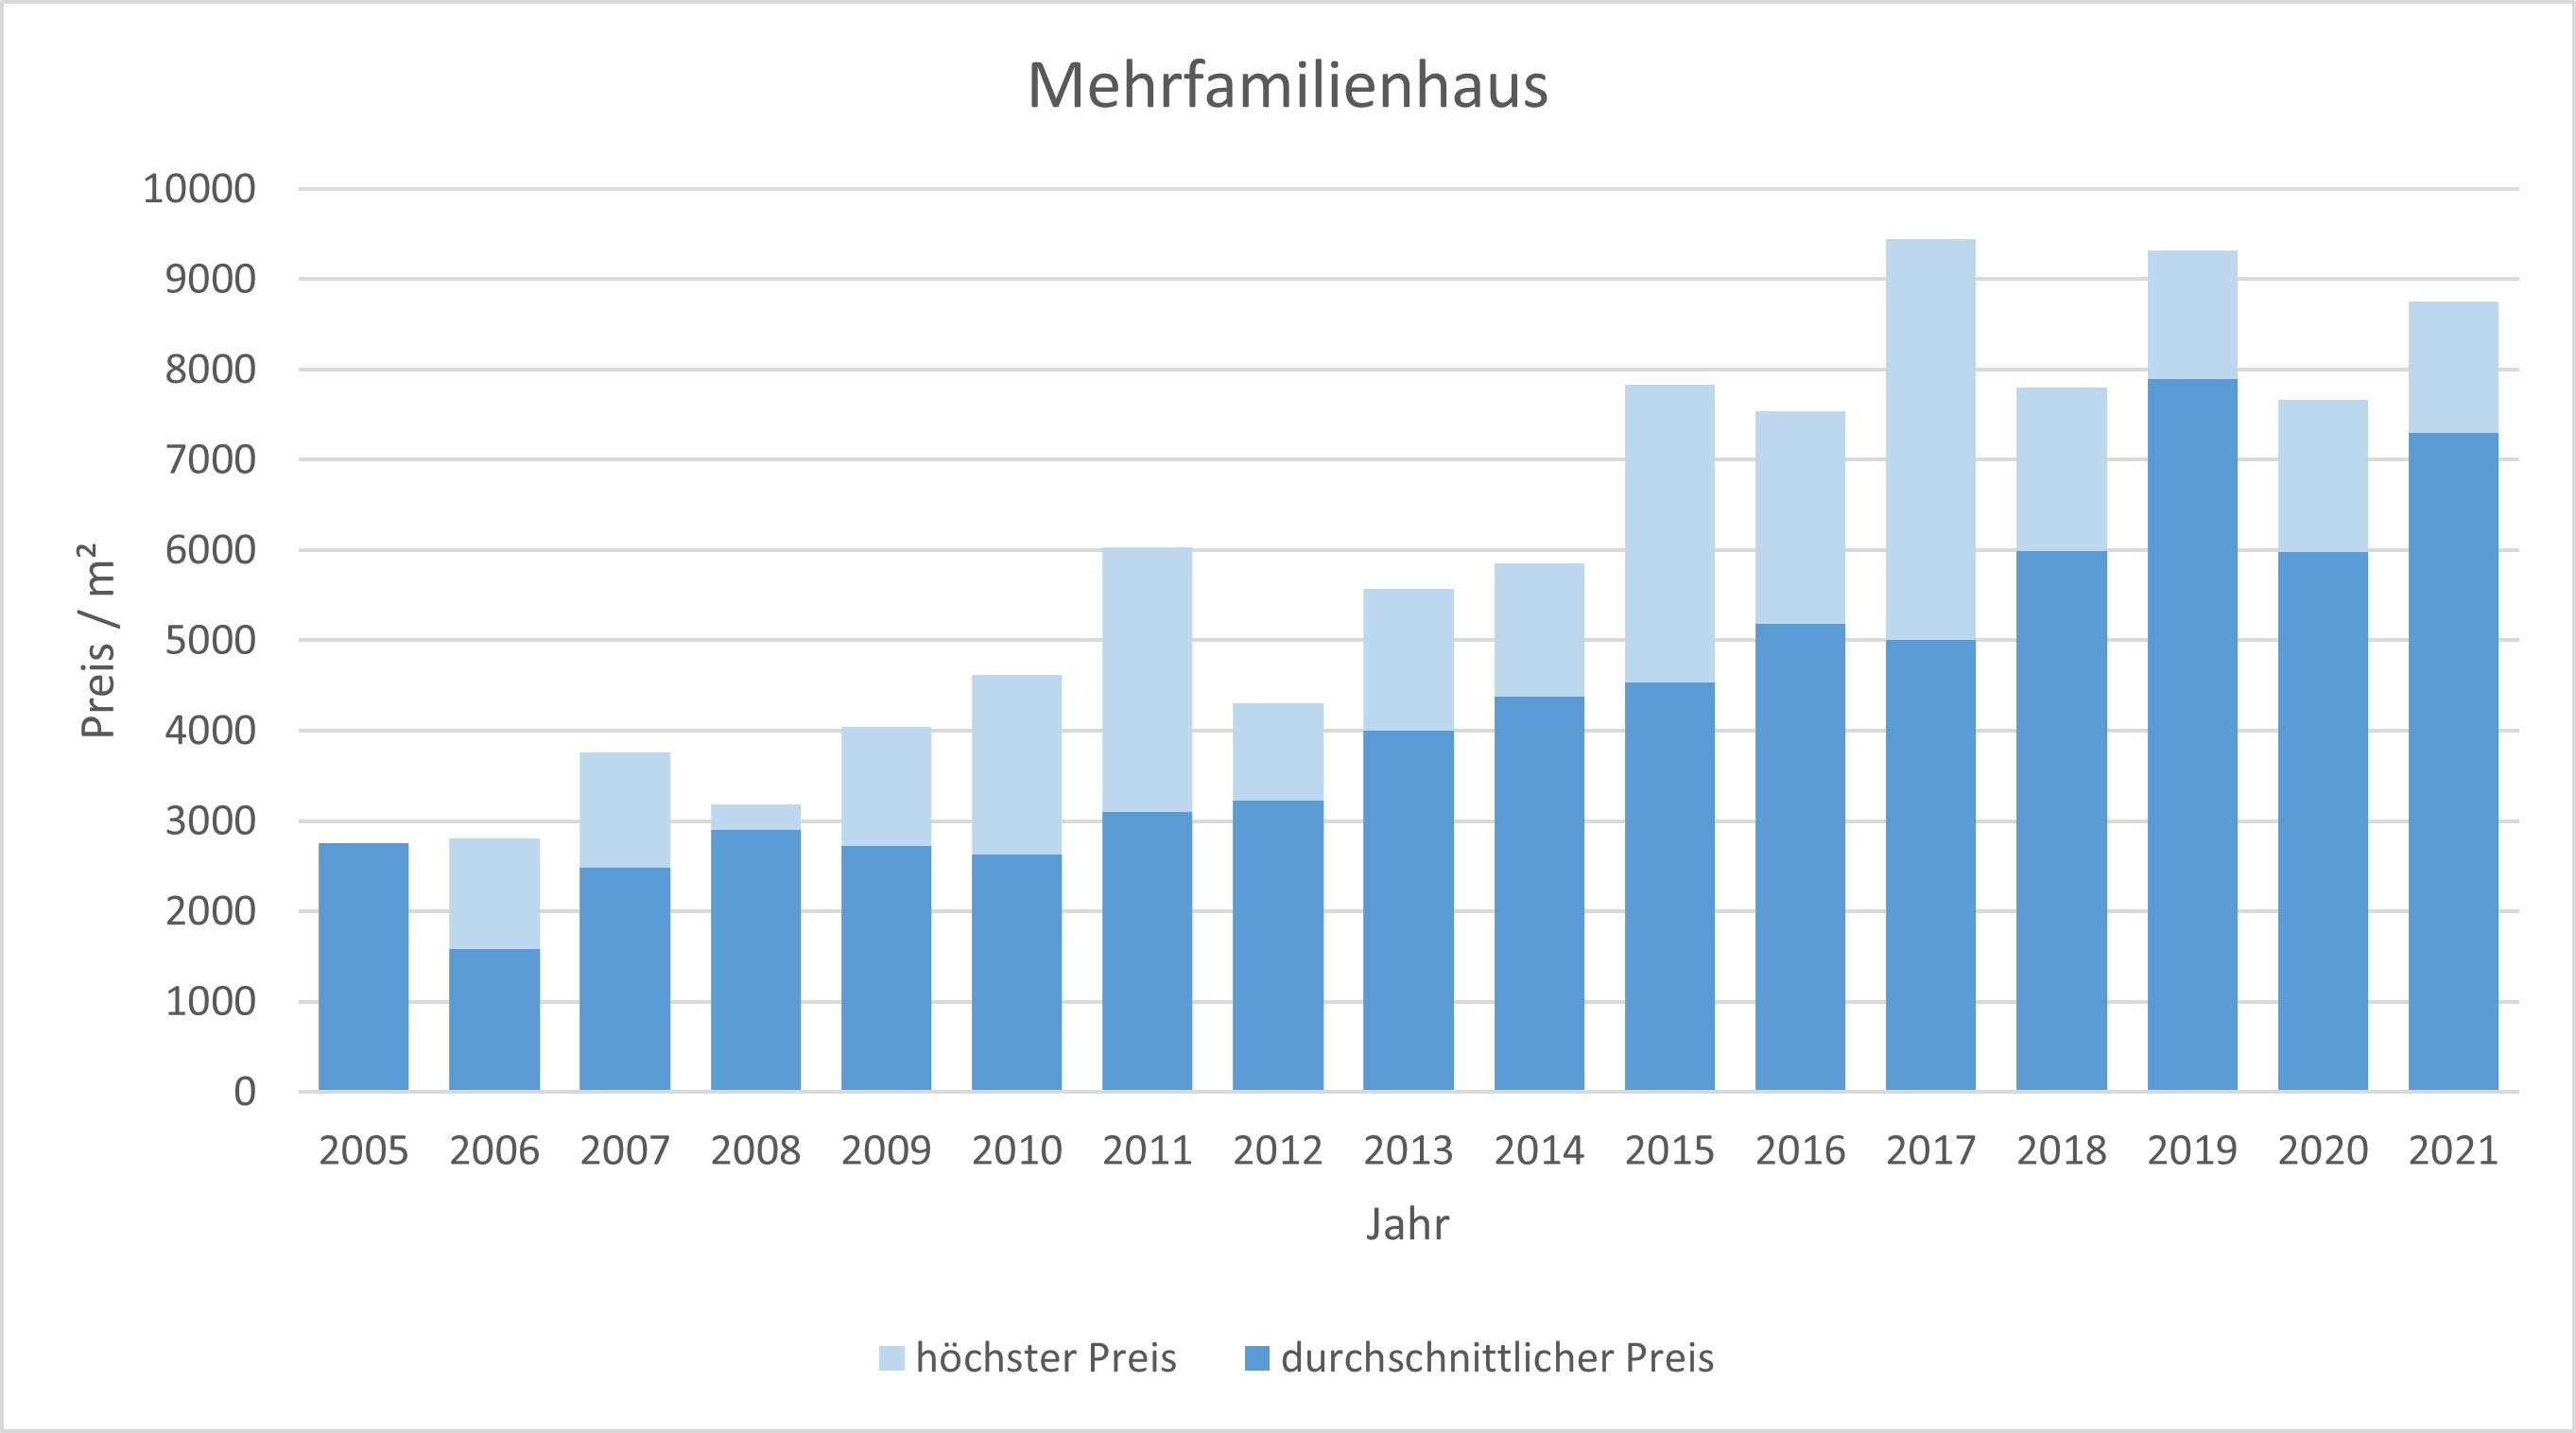 baldham vaterstetten makler mehrfamilienhaus kaufen verkaufen preis bewertung 2019, 2020, 2021